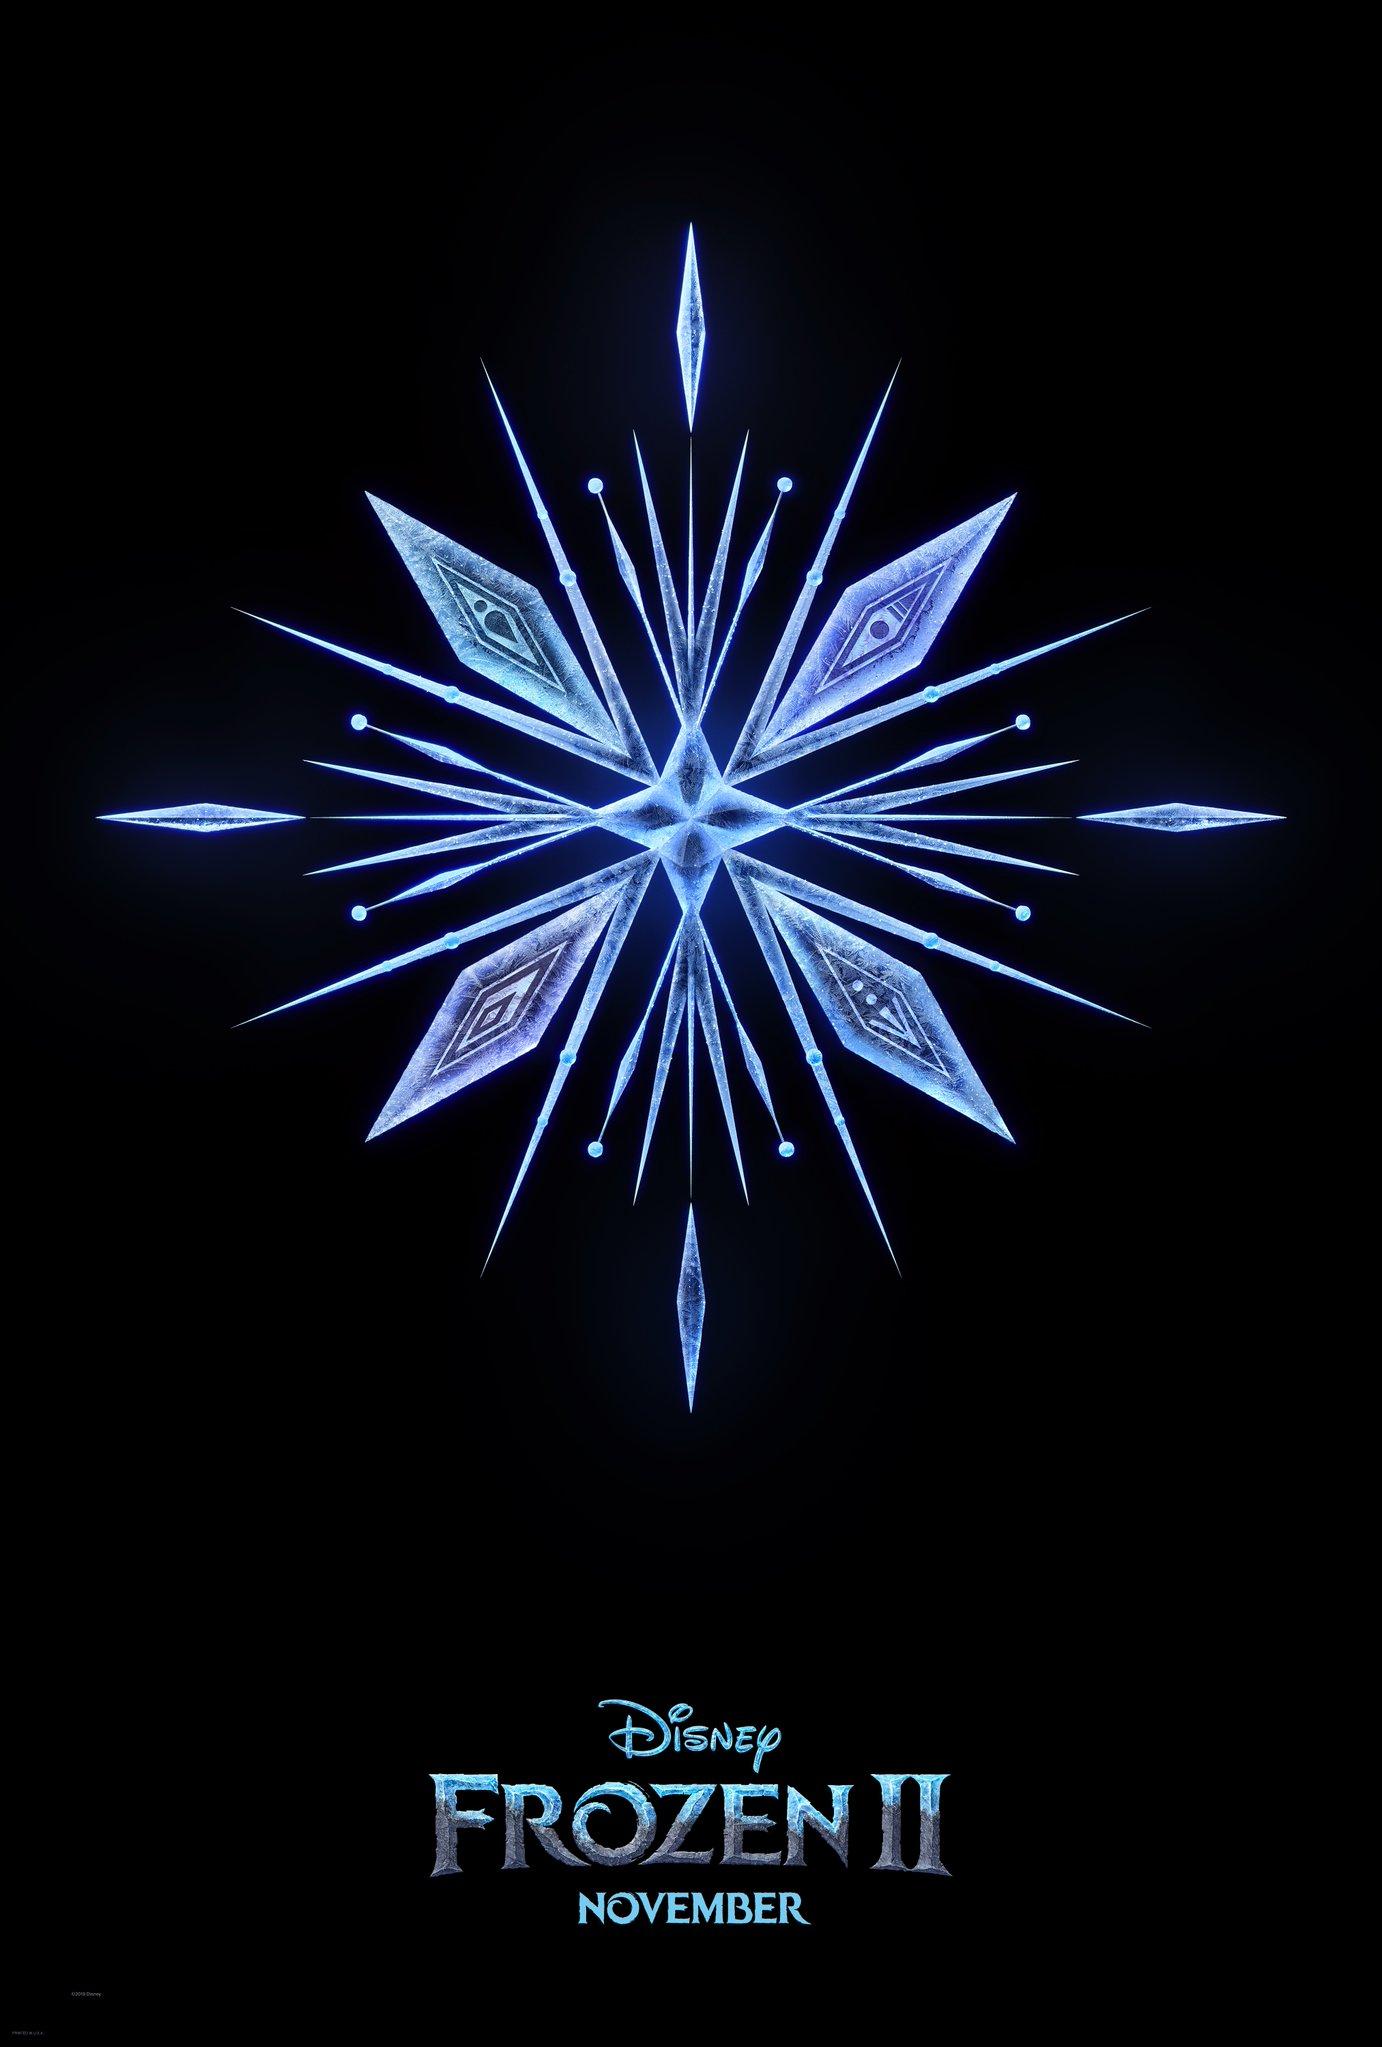 9a7a0f80c88 Frozen II